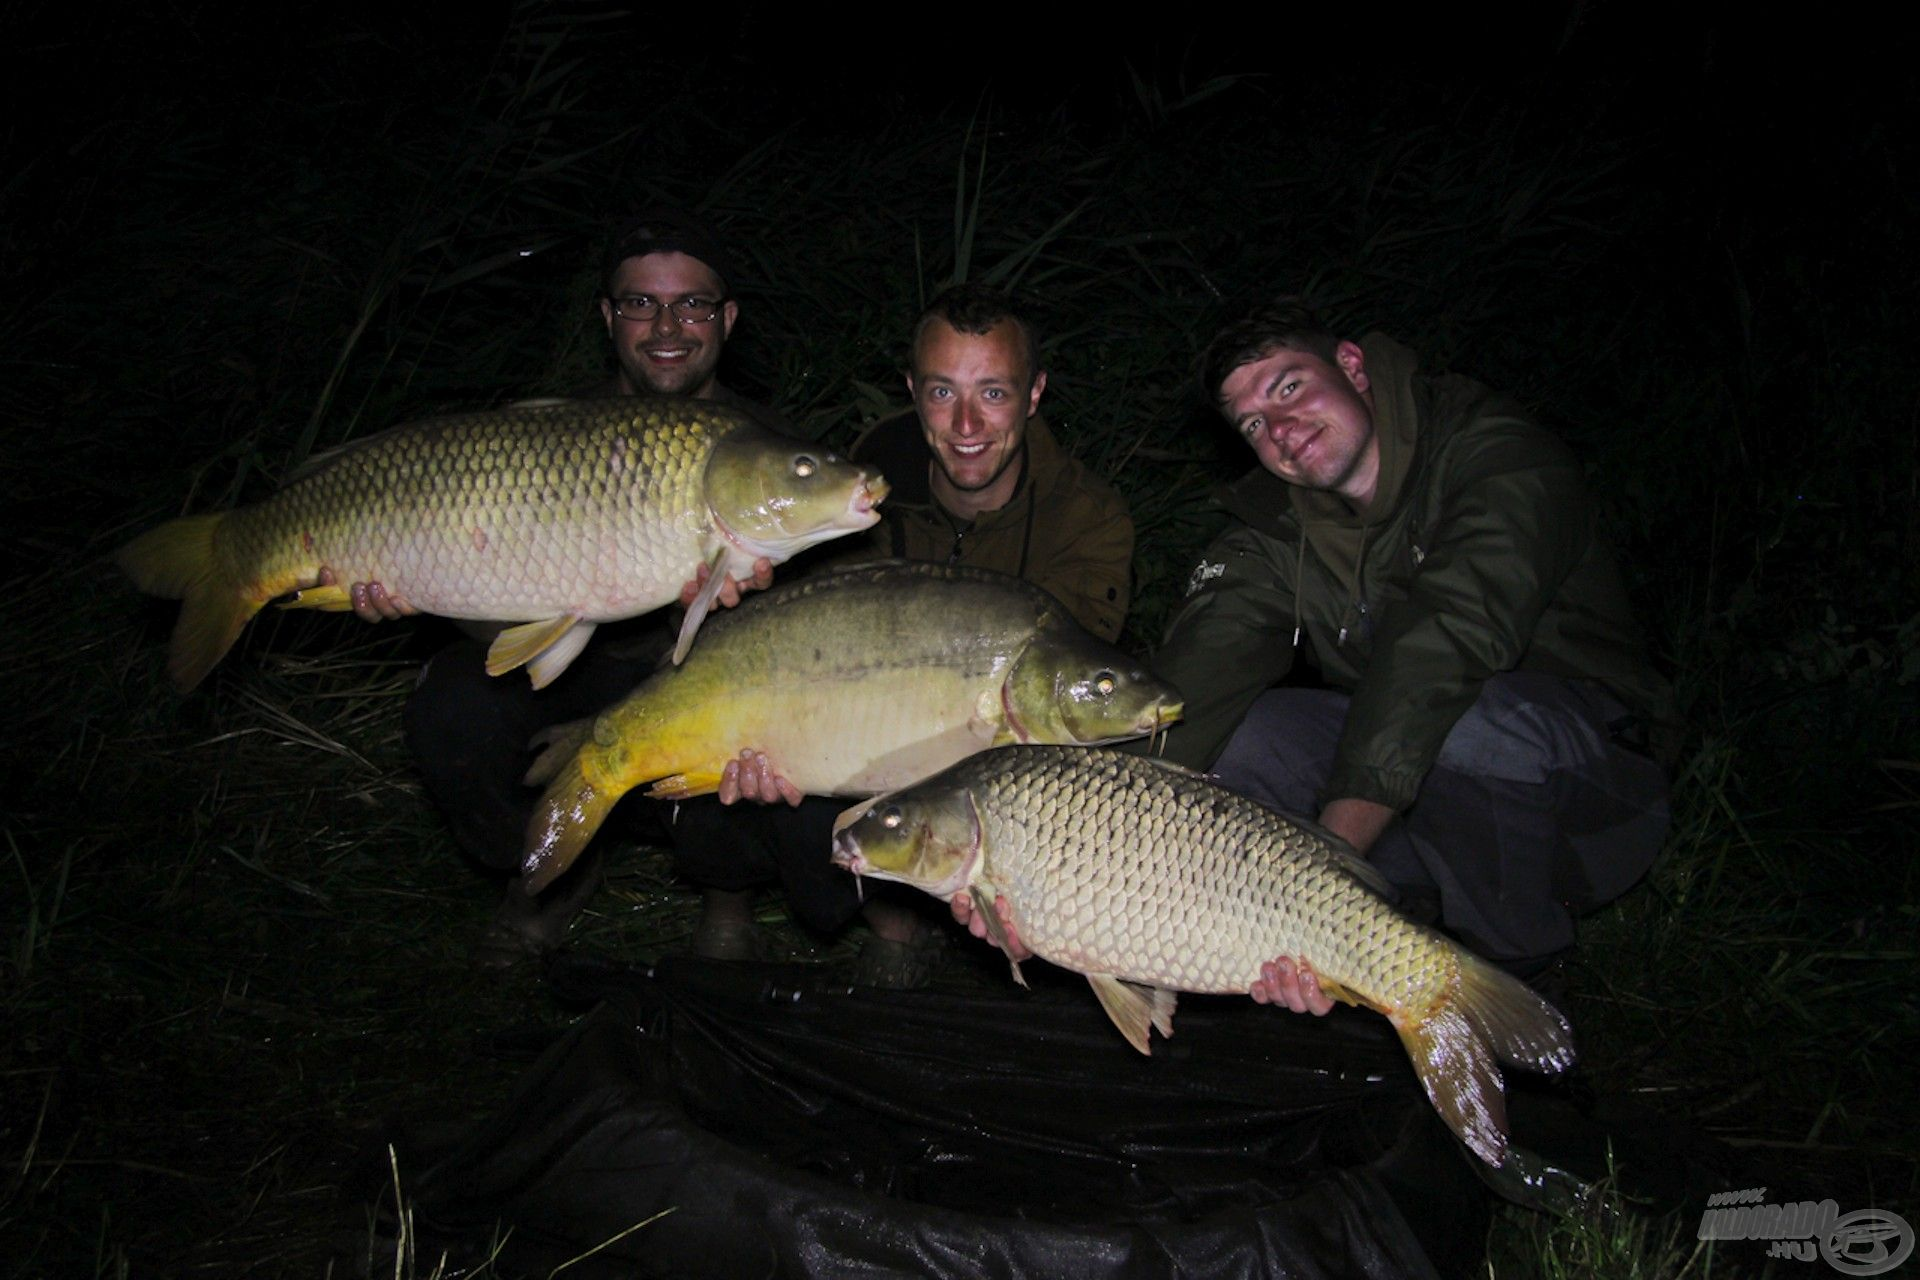 Az elmúlt 2 évben Ben barátunkkal horgásztunk együtt